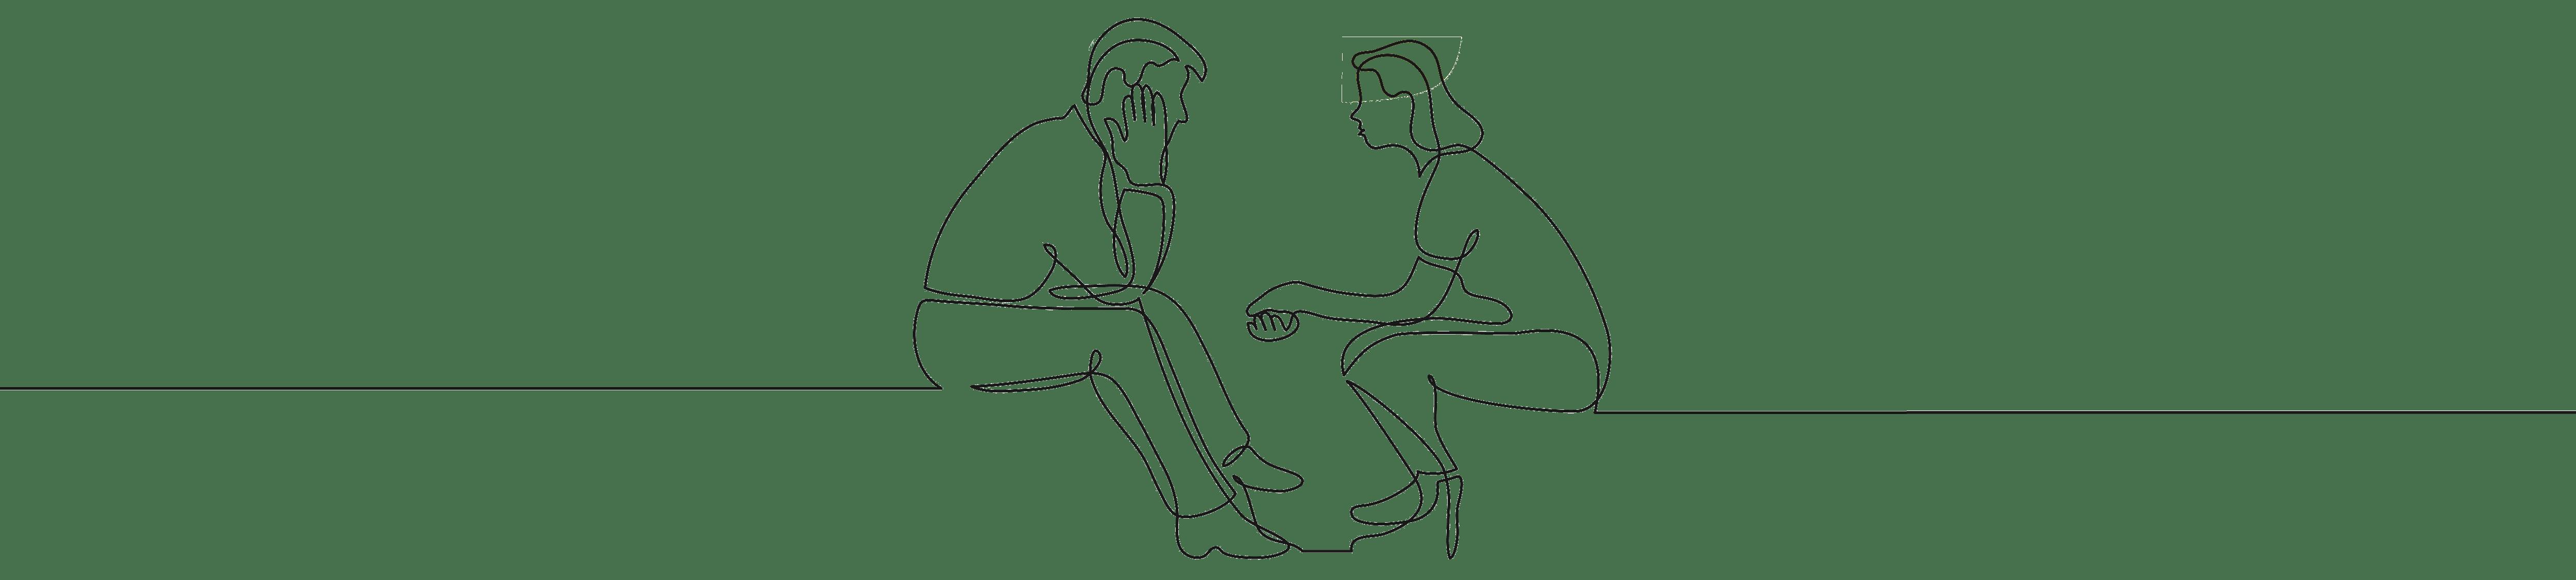 Paar_sitzend